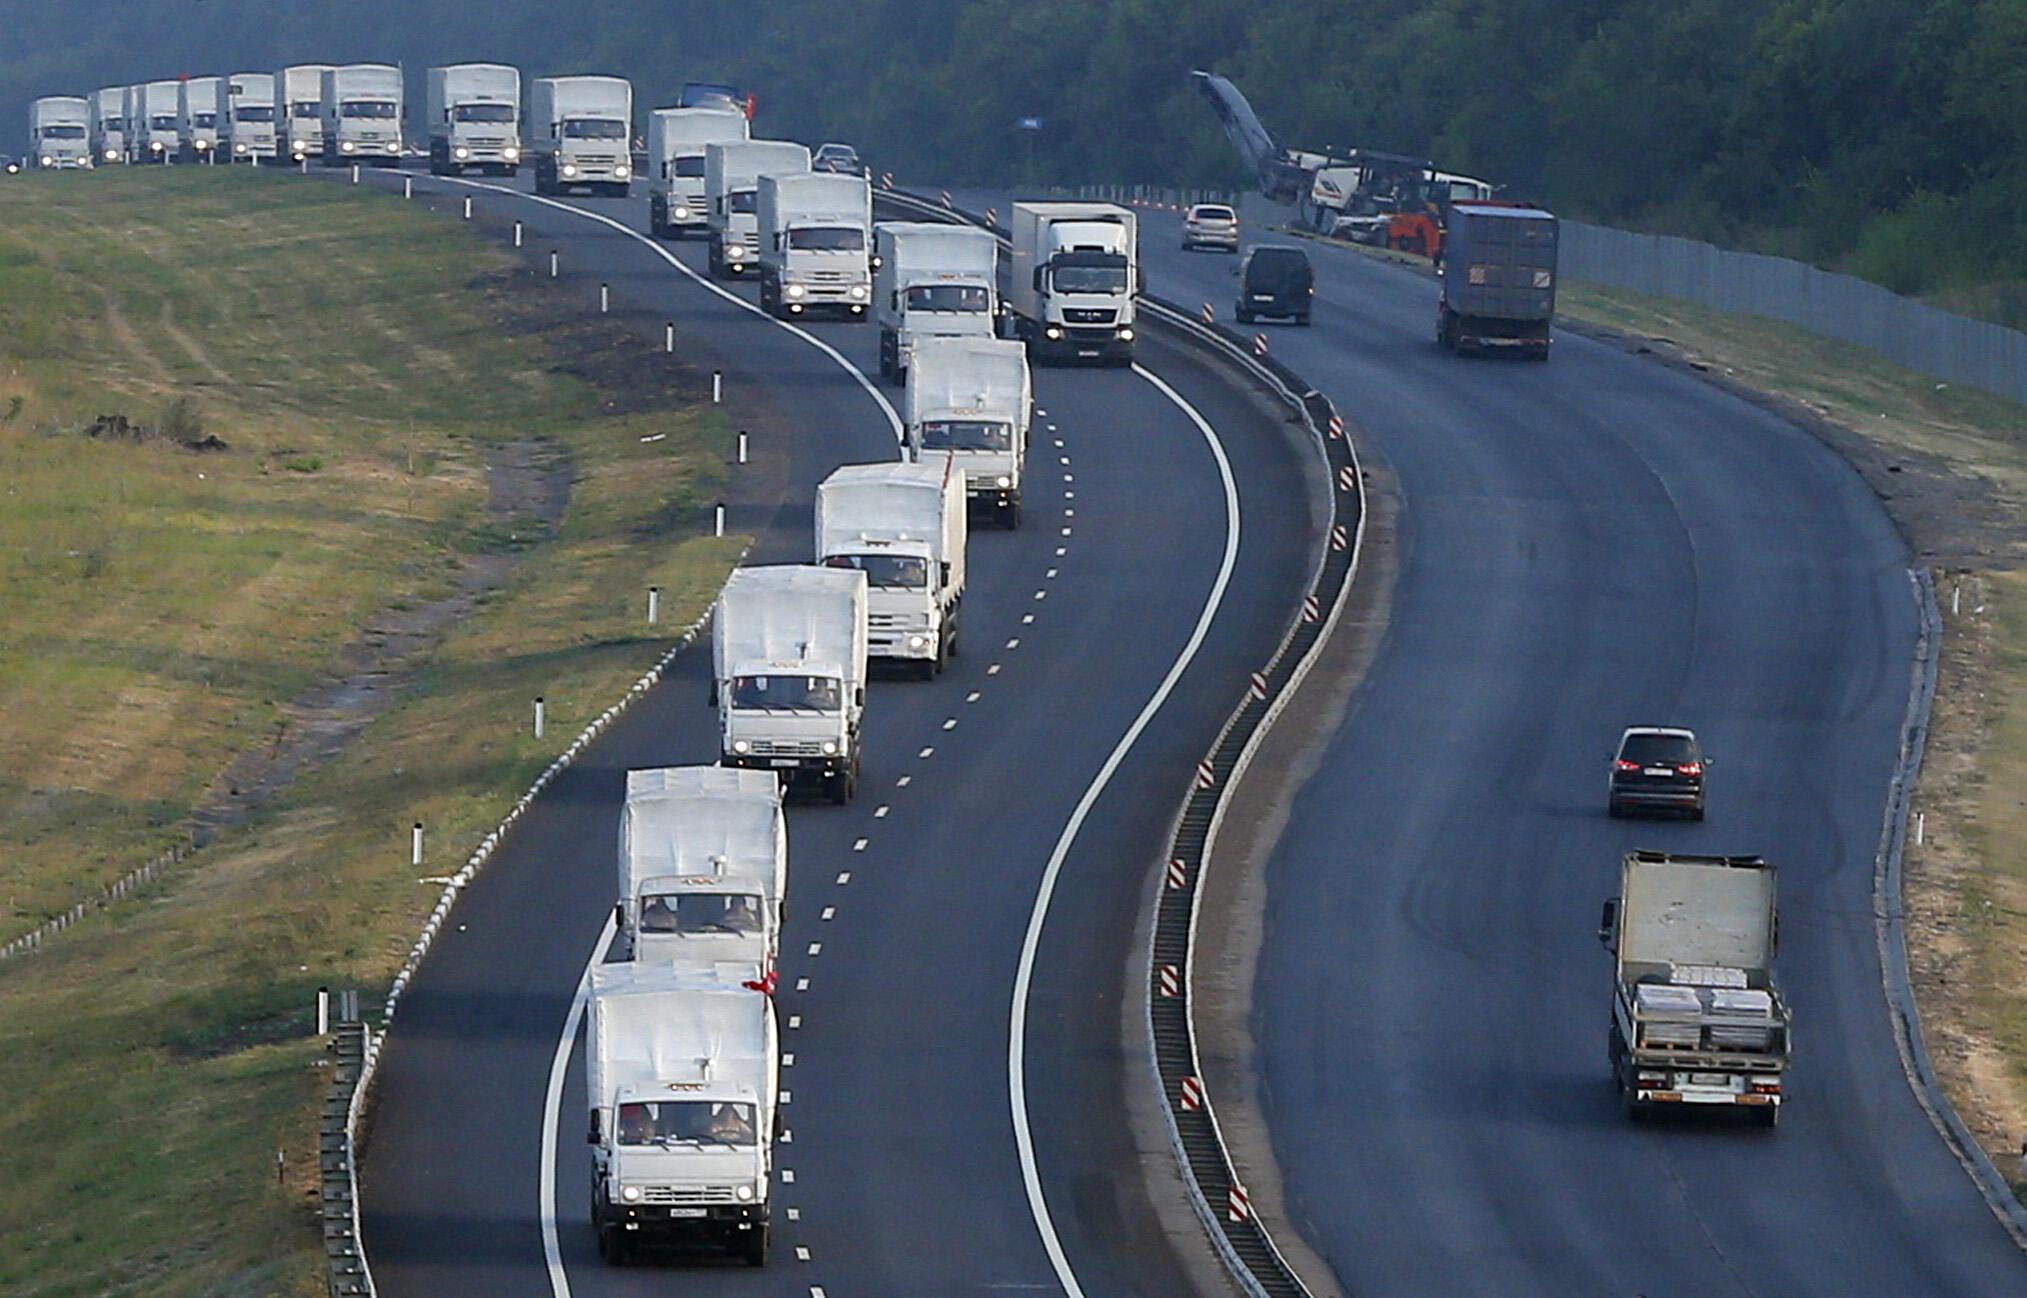 <b> Jeudi 14 août 2014. </b> Le convoi humanitaire russe visant à apporter une aide aux populations victimes des combats dans l'est de l'Ukraine est en route depuis deux jours.